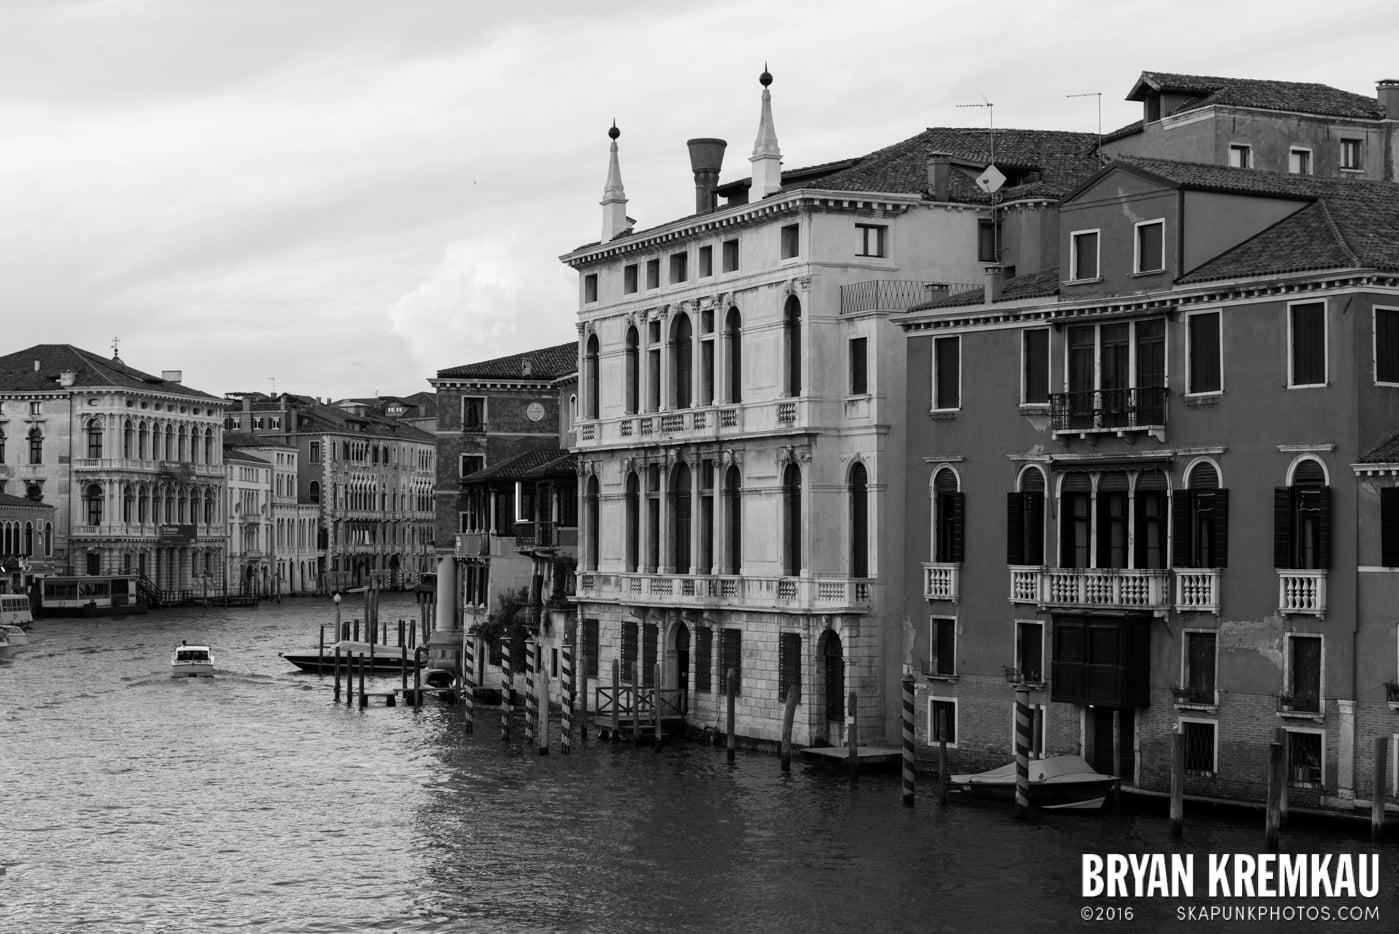 Italy Vacation - Day 4: Venice - 9.12.13 (6)